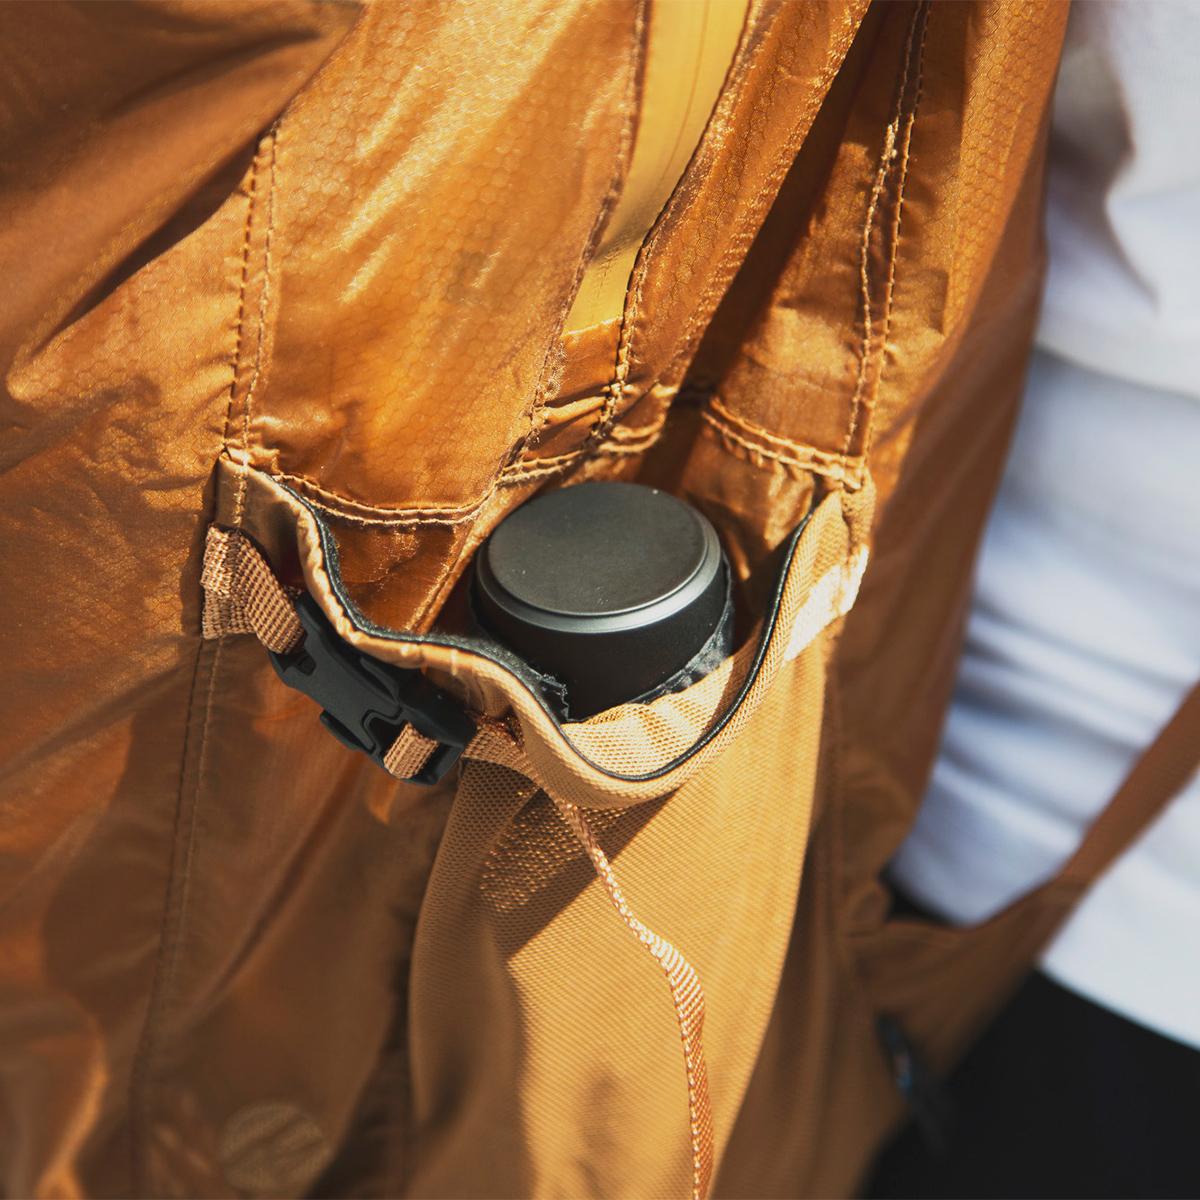 バックパックのサイドポケットに入れても、すっぽりと収まるので、落とさない。わずか17cmの世界最小級折りたたみ傘「マイクロ傘」|スギタ